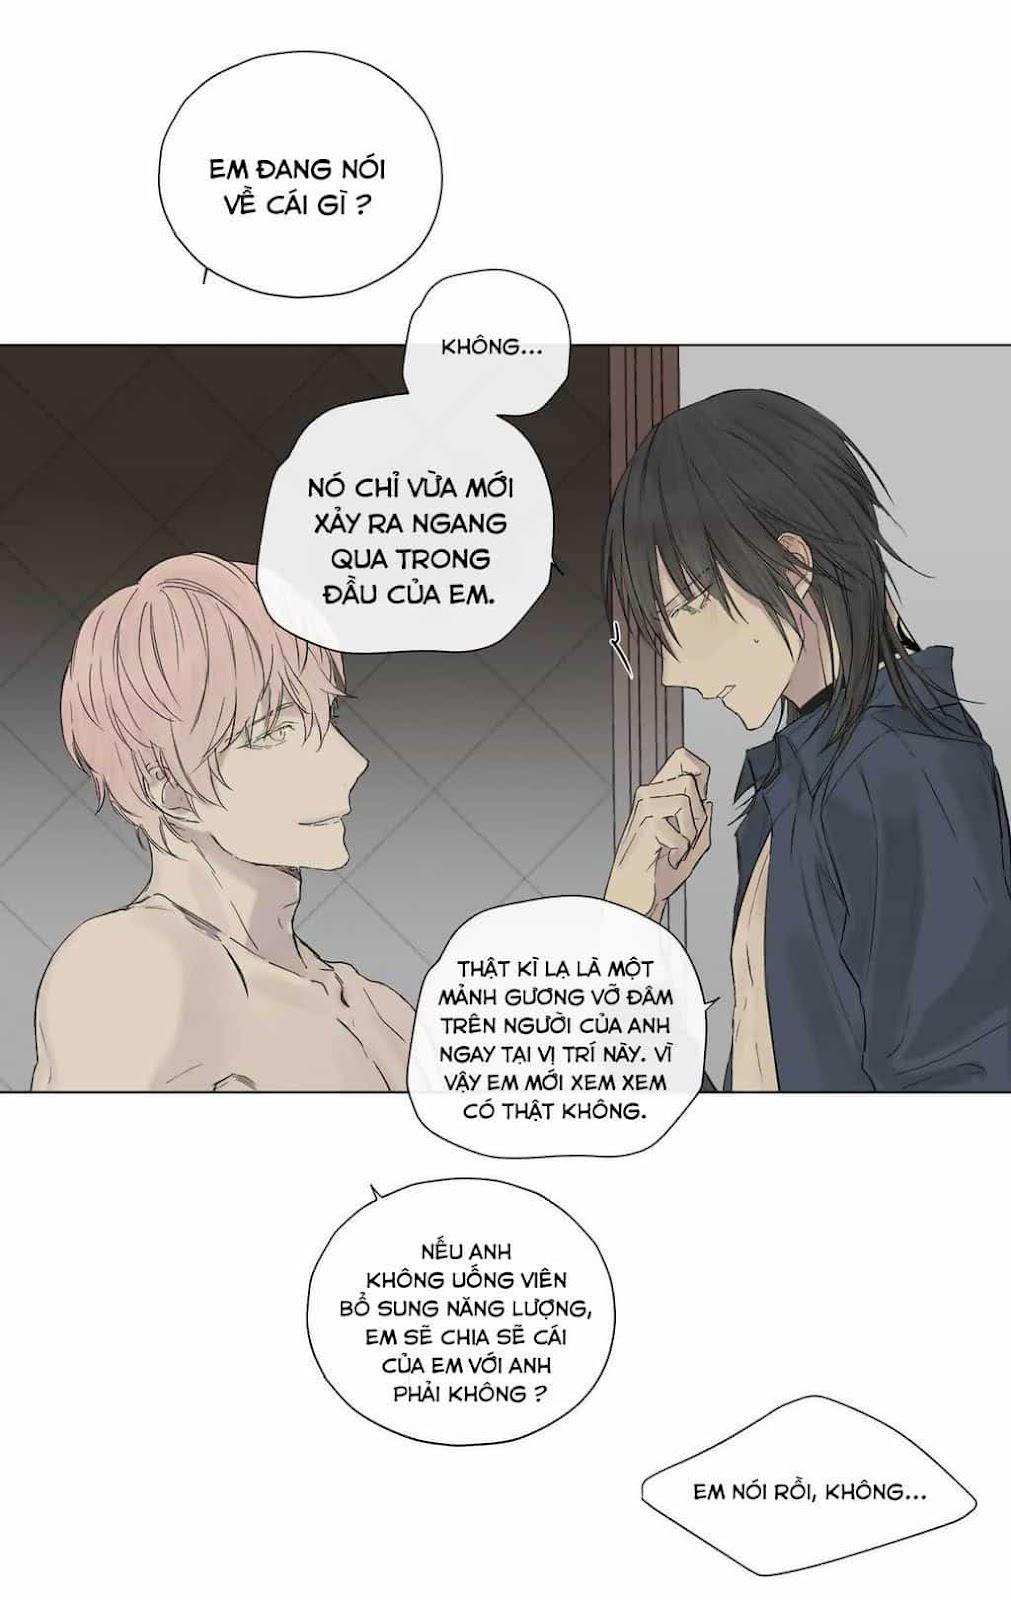 Trang 17 - Người hầu hoàng gia - Royal Servant - Chương 009 () - Truyện tranh Gay - Server HostedOnGoogleServerStaging